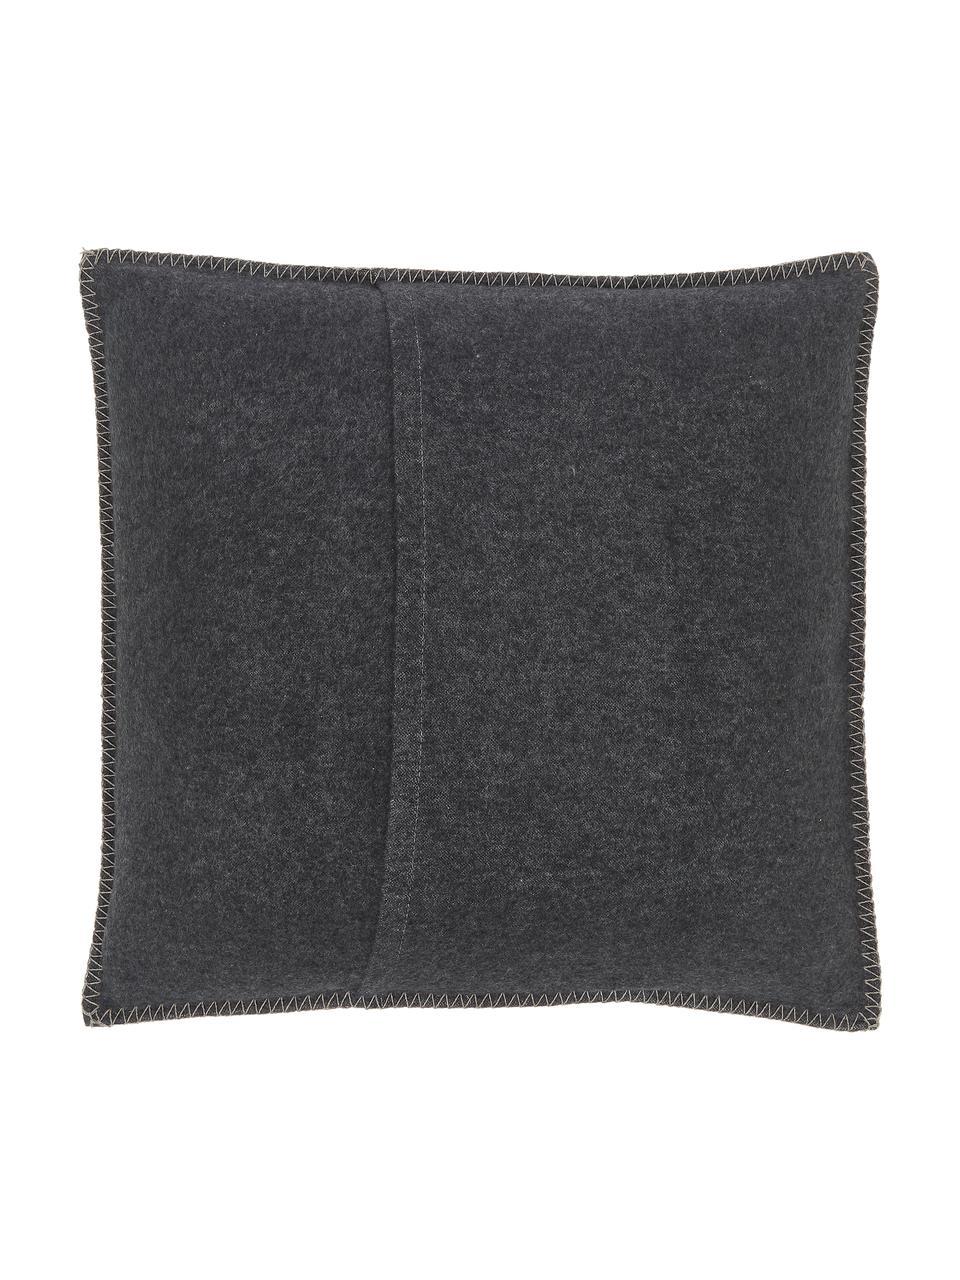 Weiche Fleece-Kissenhülle Sylt Hirsch in Grau, 85%Baumwolle, 8%Viskose, 7%Polyacryl, Anthrazit, Beige, 50 x 50 cm